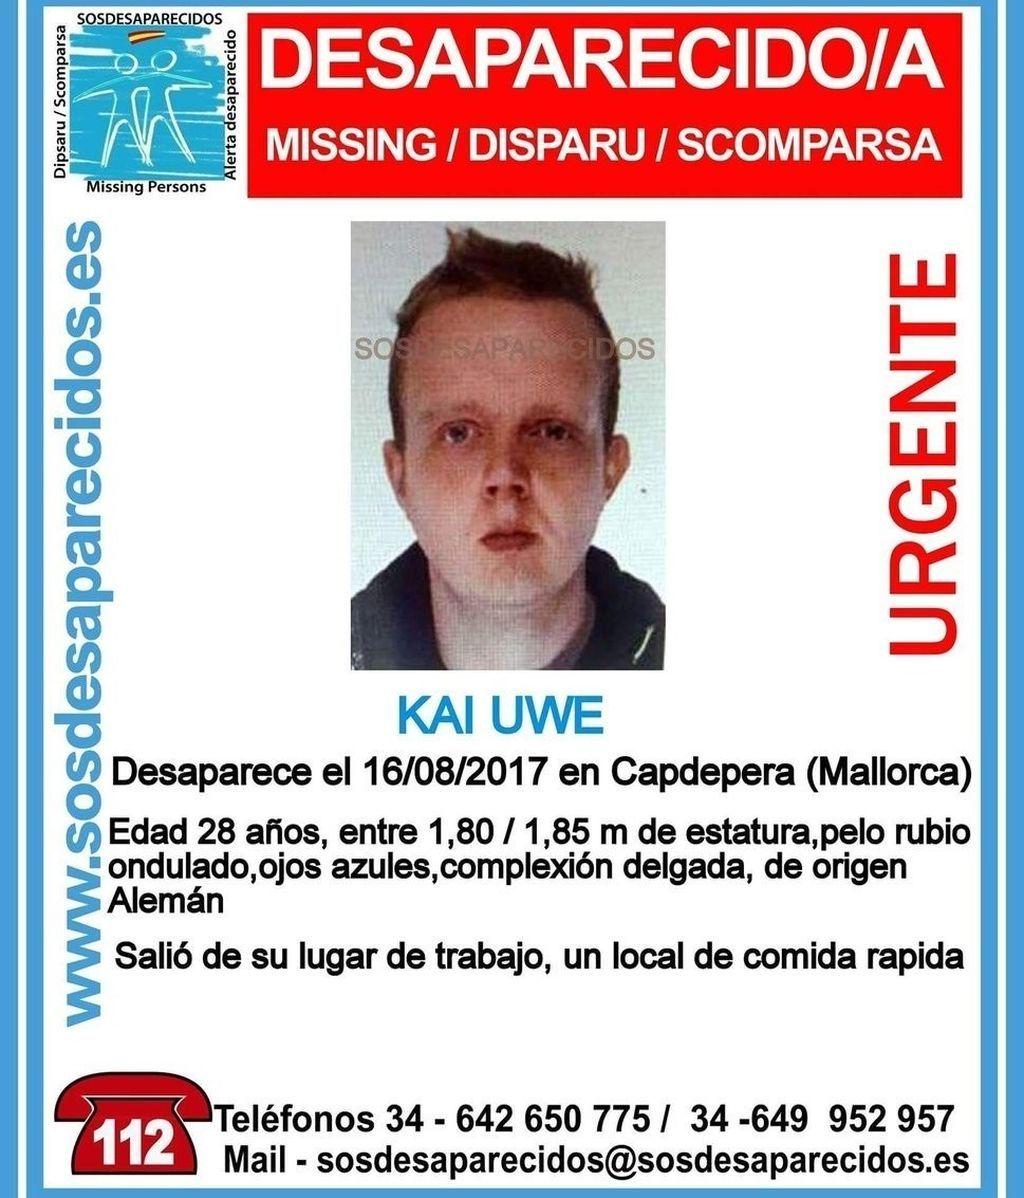 Hallan el cadáver de Kai Palma, el joven alemán desaparecido, en un sótano de Mallorca